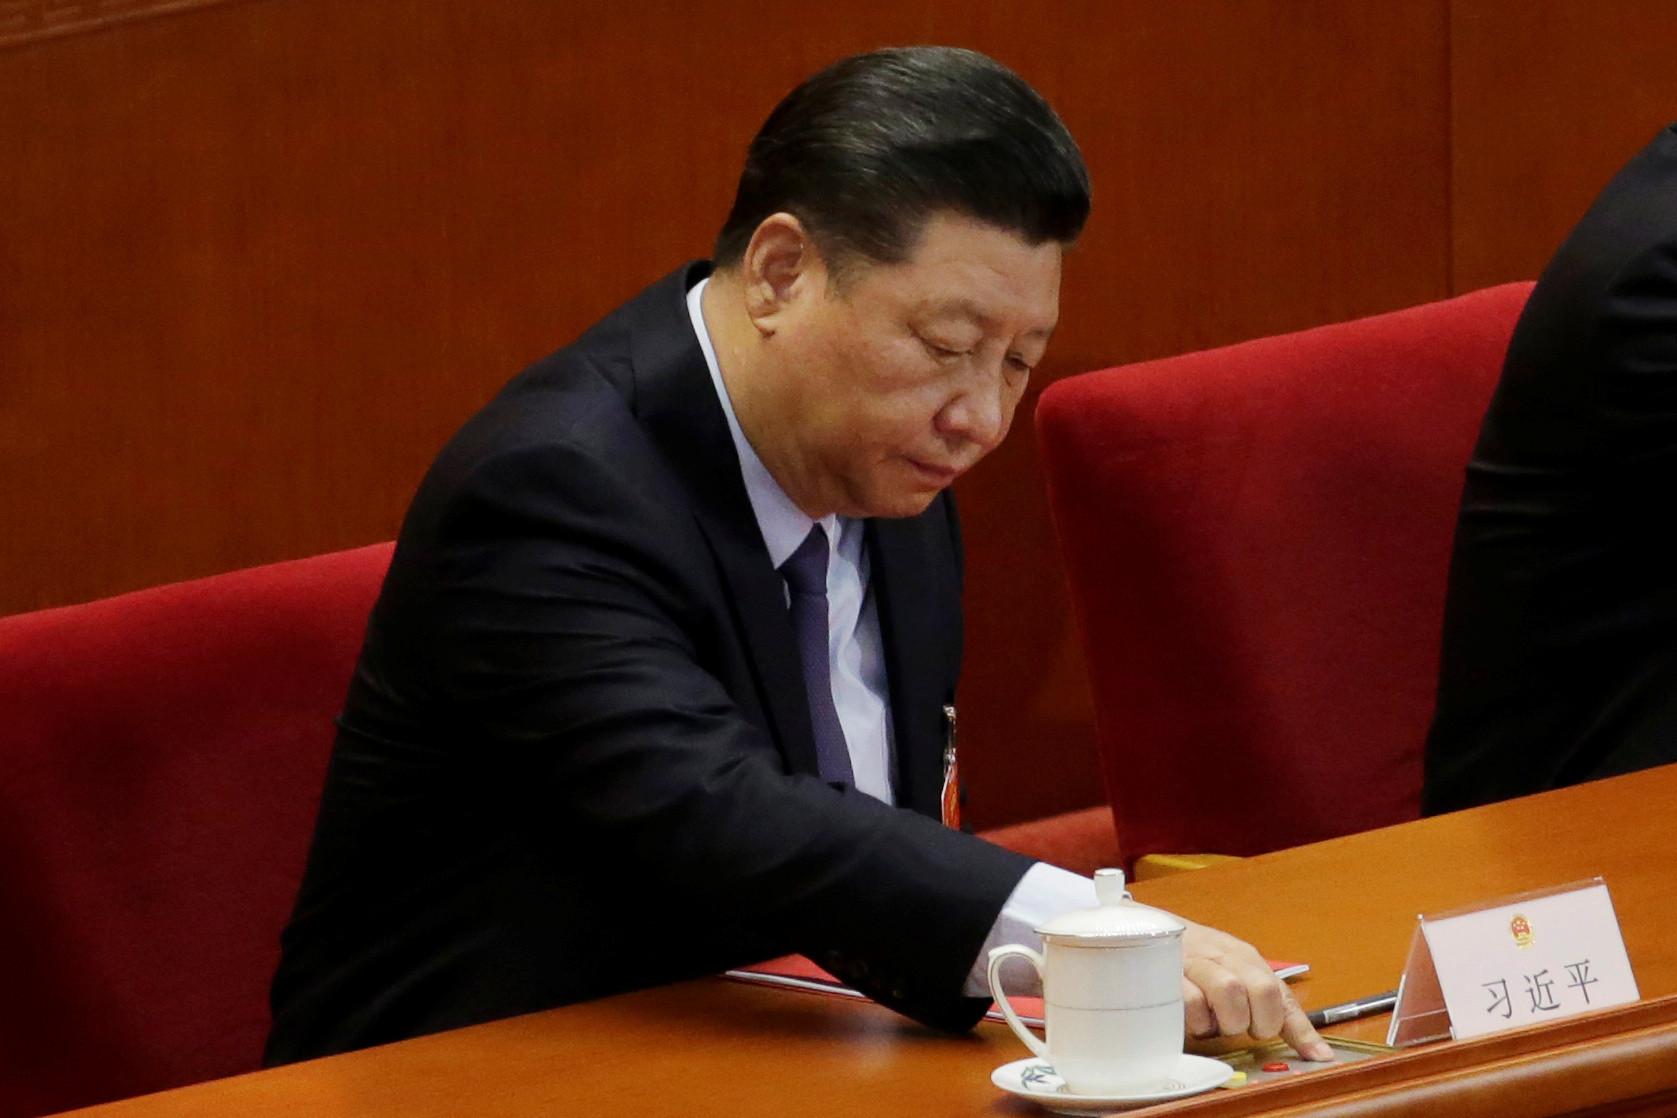 Xi Jinping rompe com moda do comunismo chinês e assume cabelos grisalhos